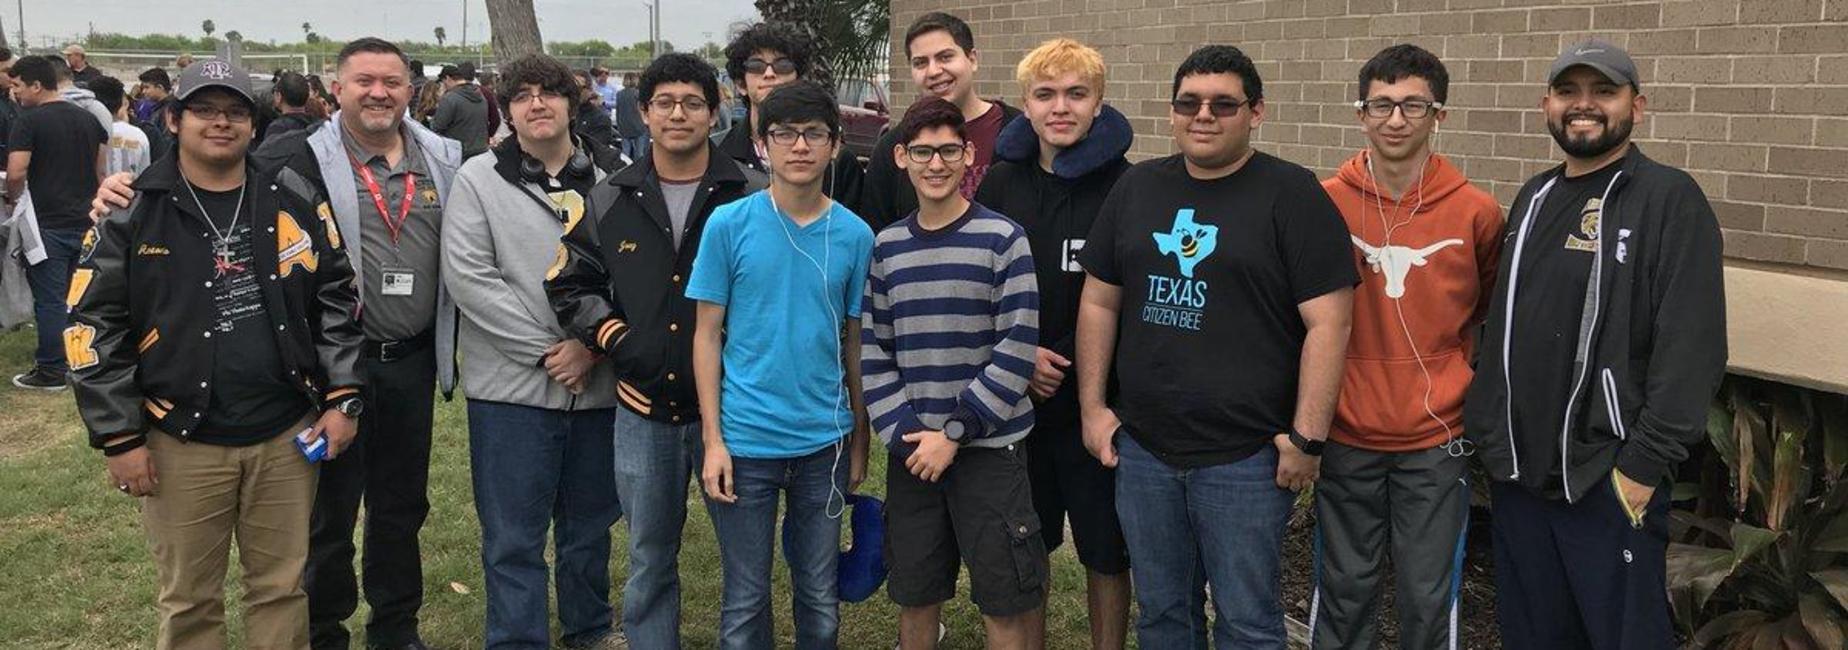 AECHS Chess Team